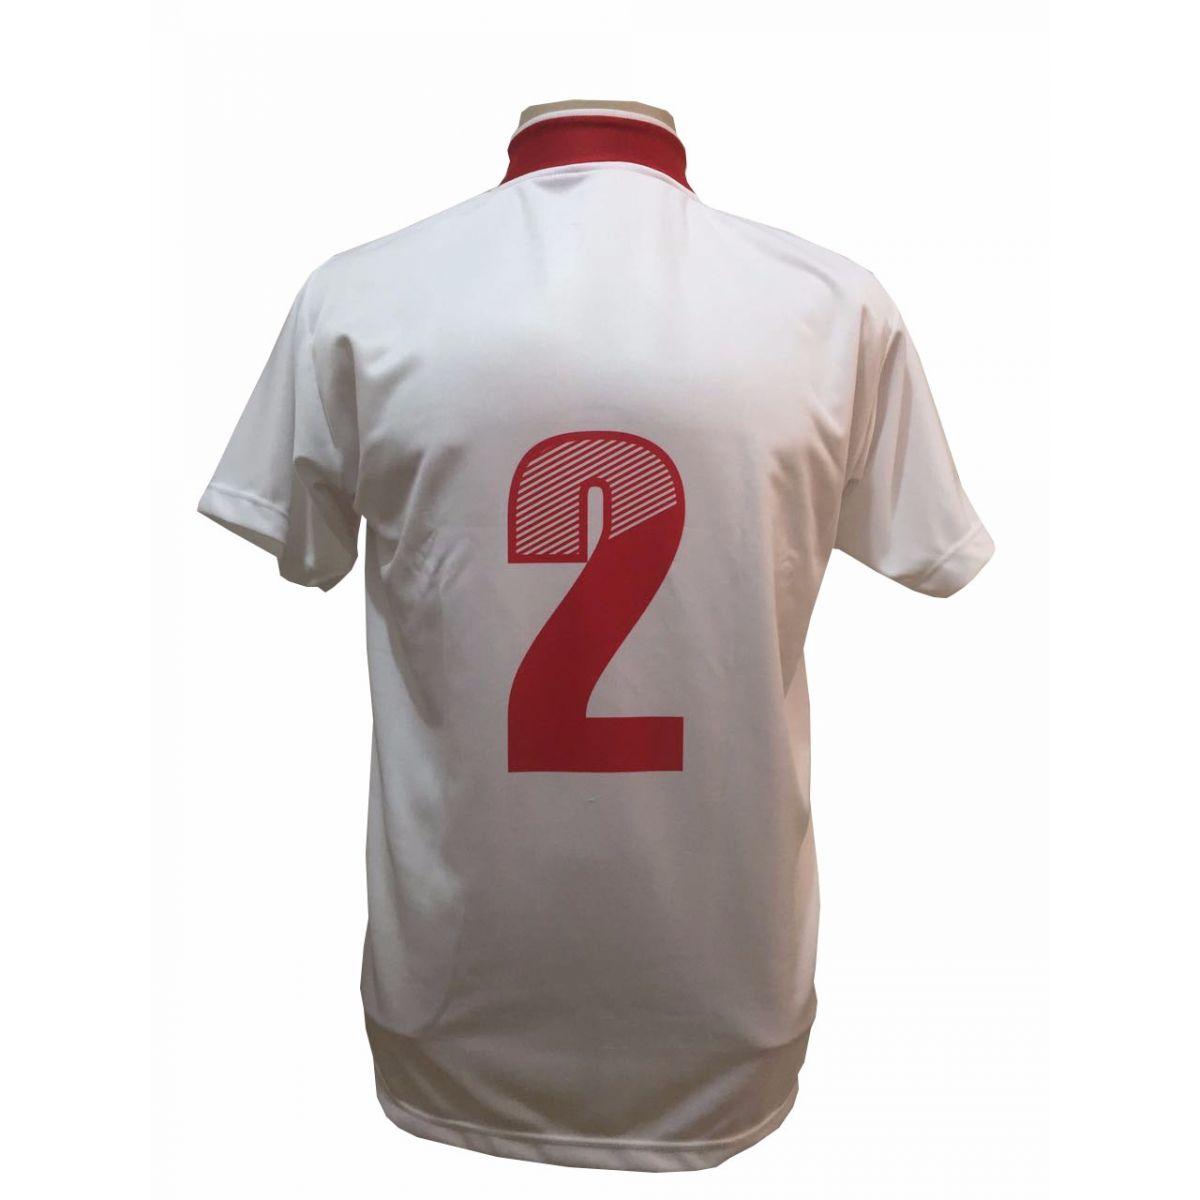 Jogo de Camisa com 14 unidades modelo Palermo Branco/Vermelho